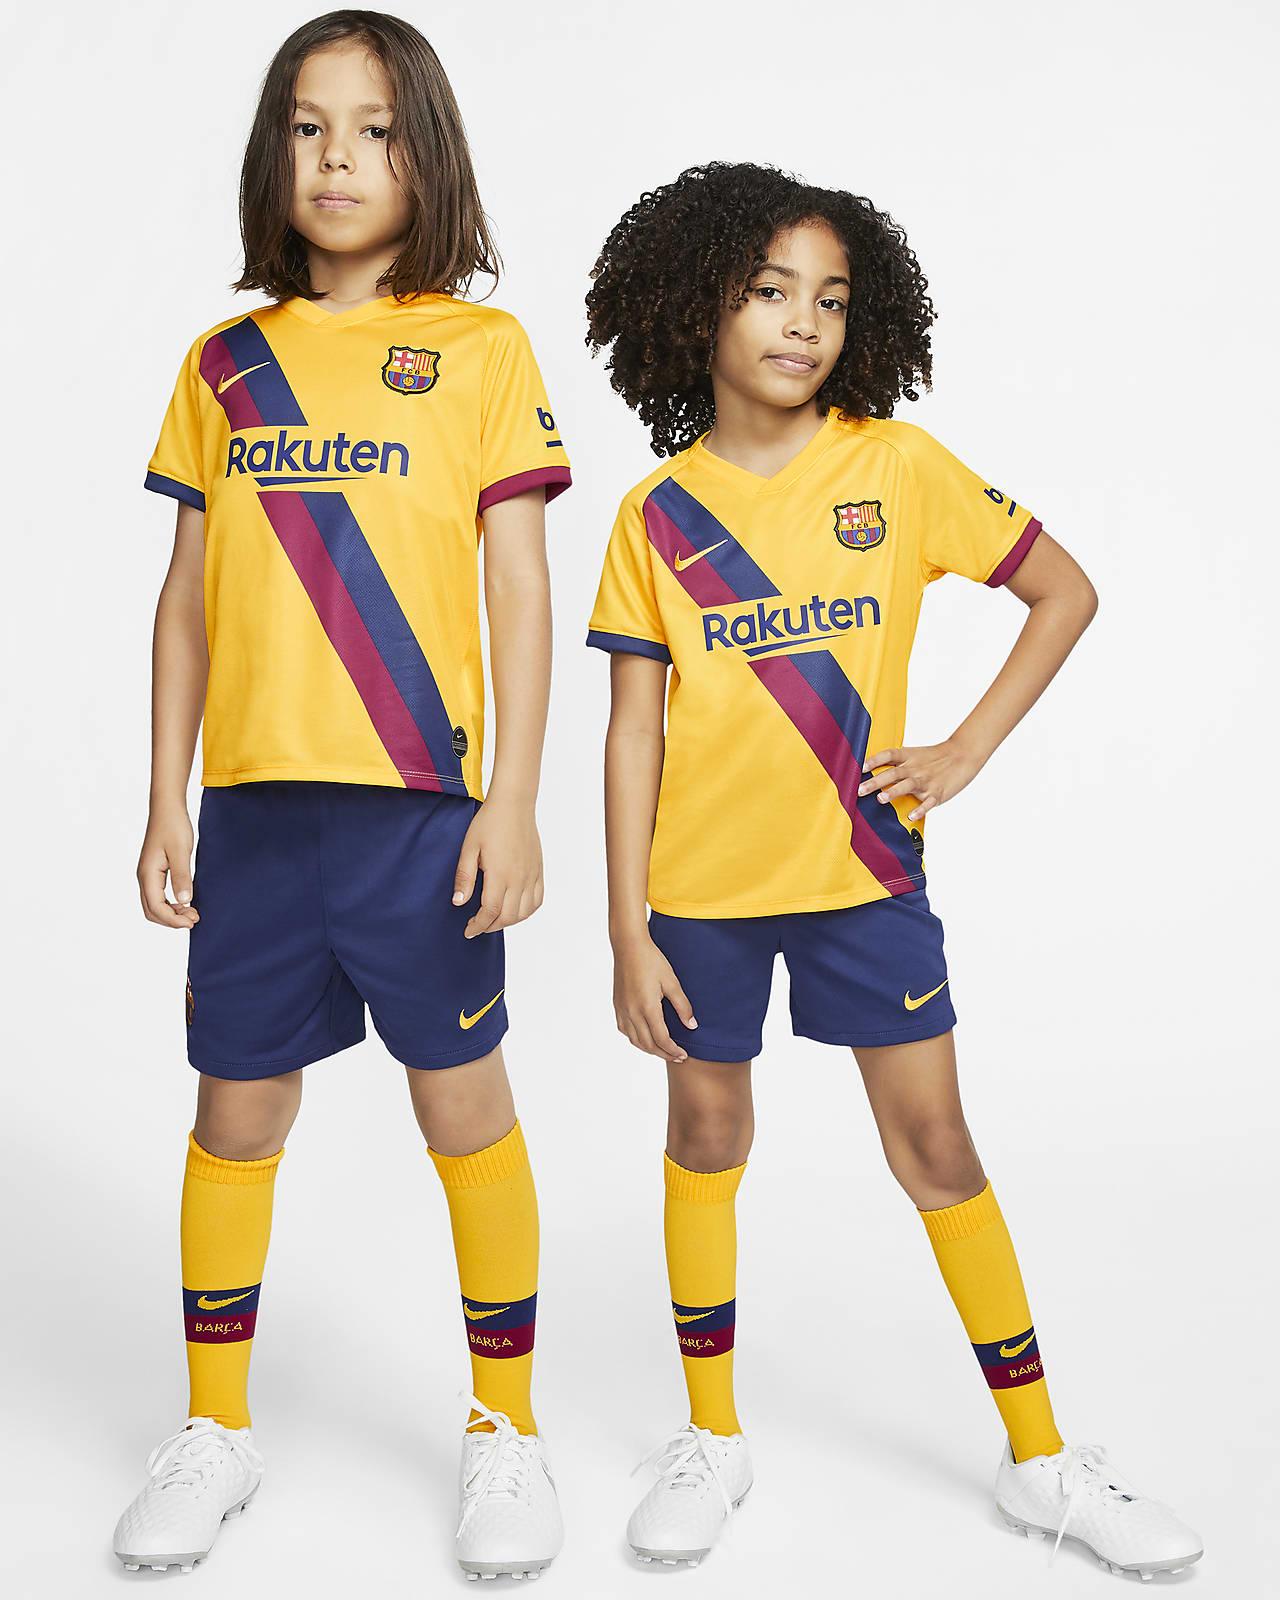 FC Barcelona idegenbeli futballszett kisebb gyerekeknek